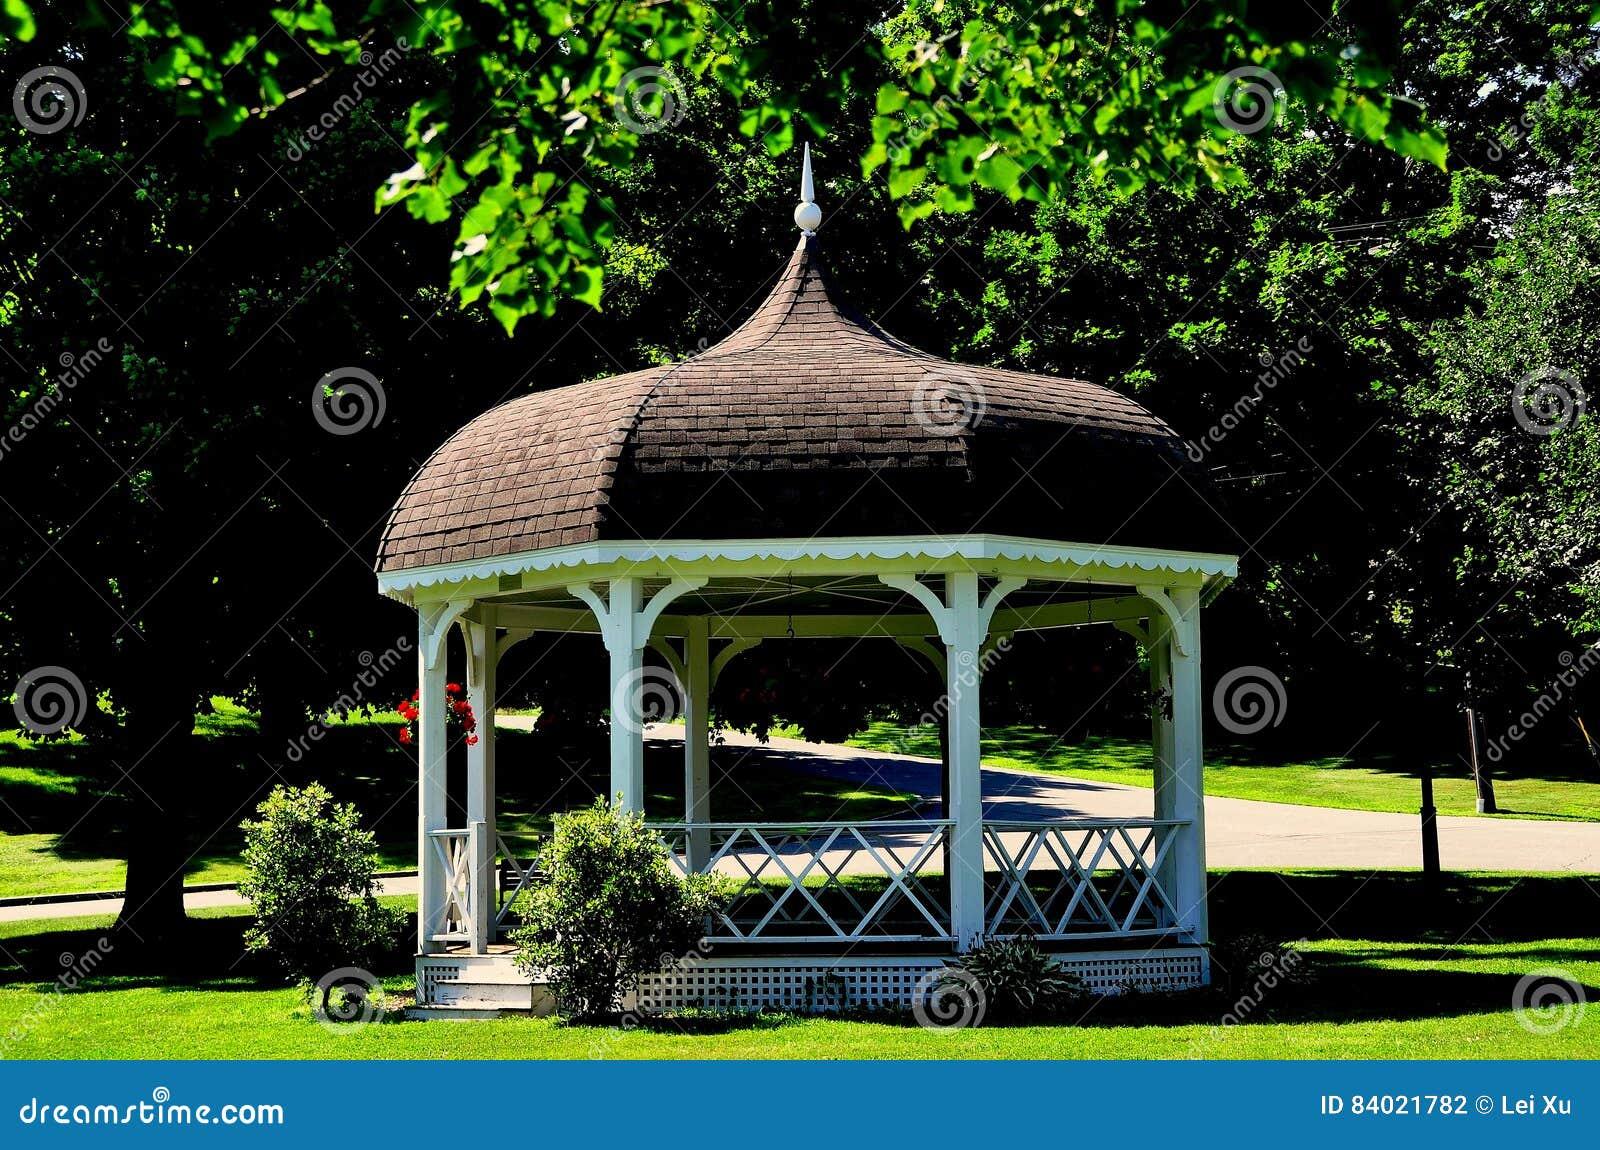 Kiosque En Bois Hexagonal rindge, nh : kiosque à musique de village green photographie